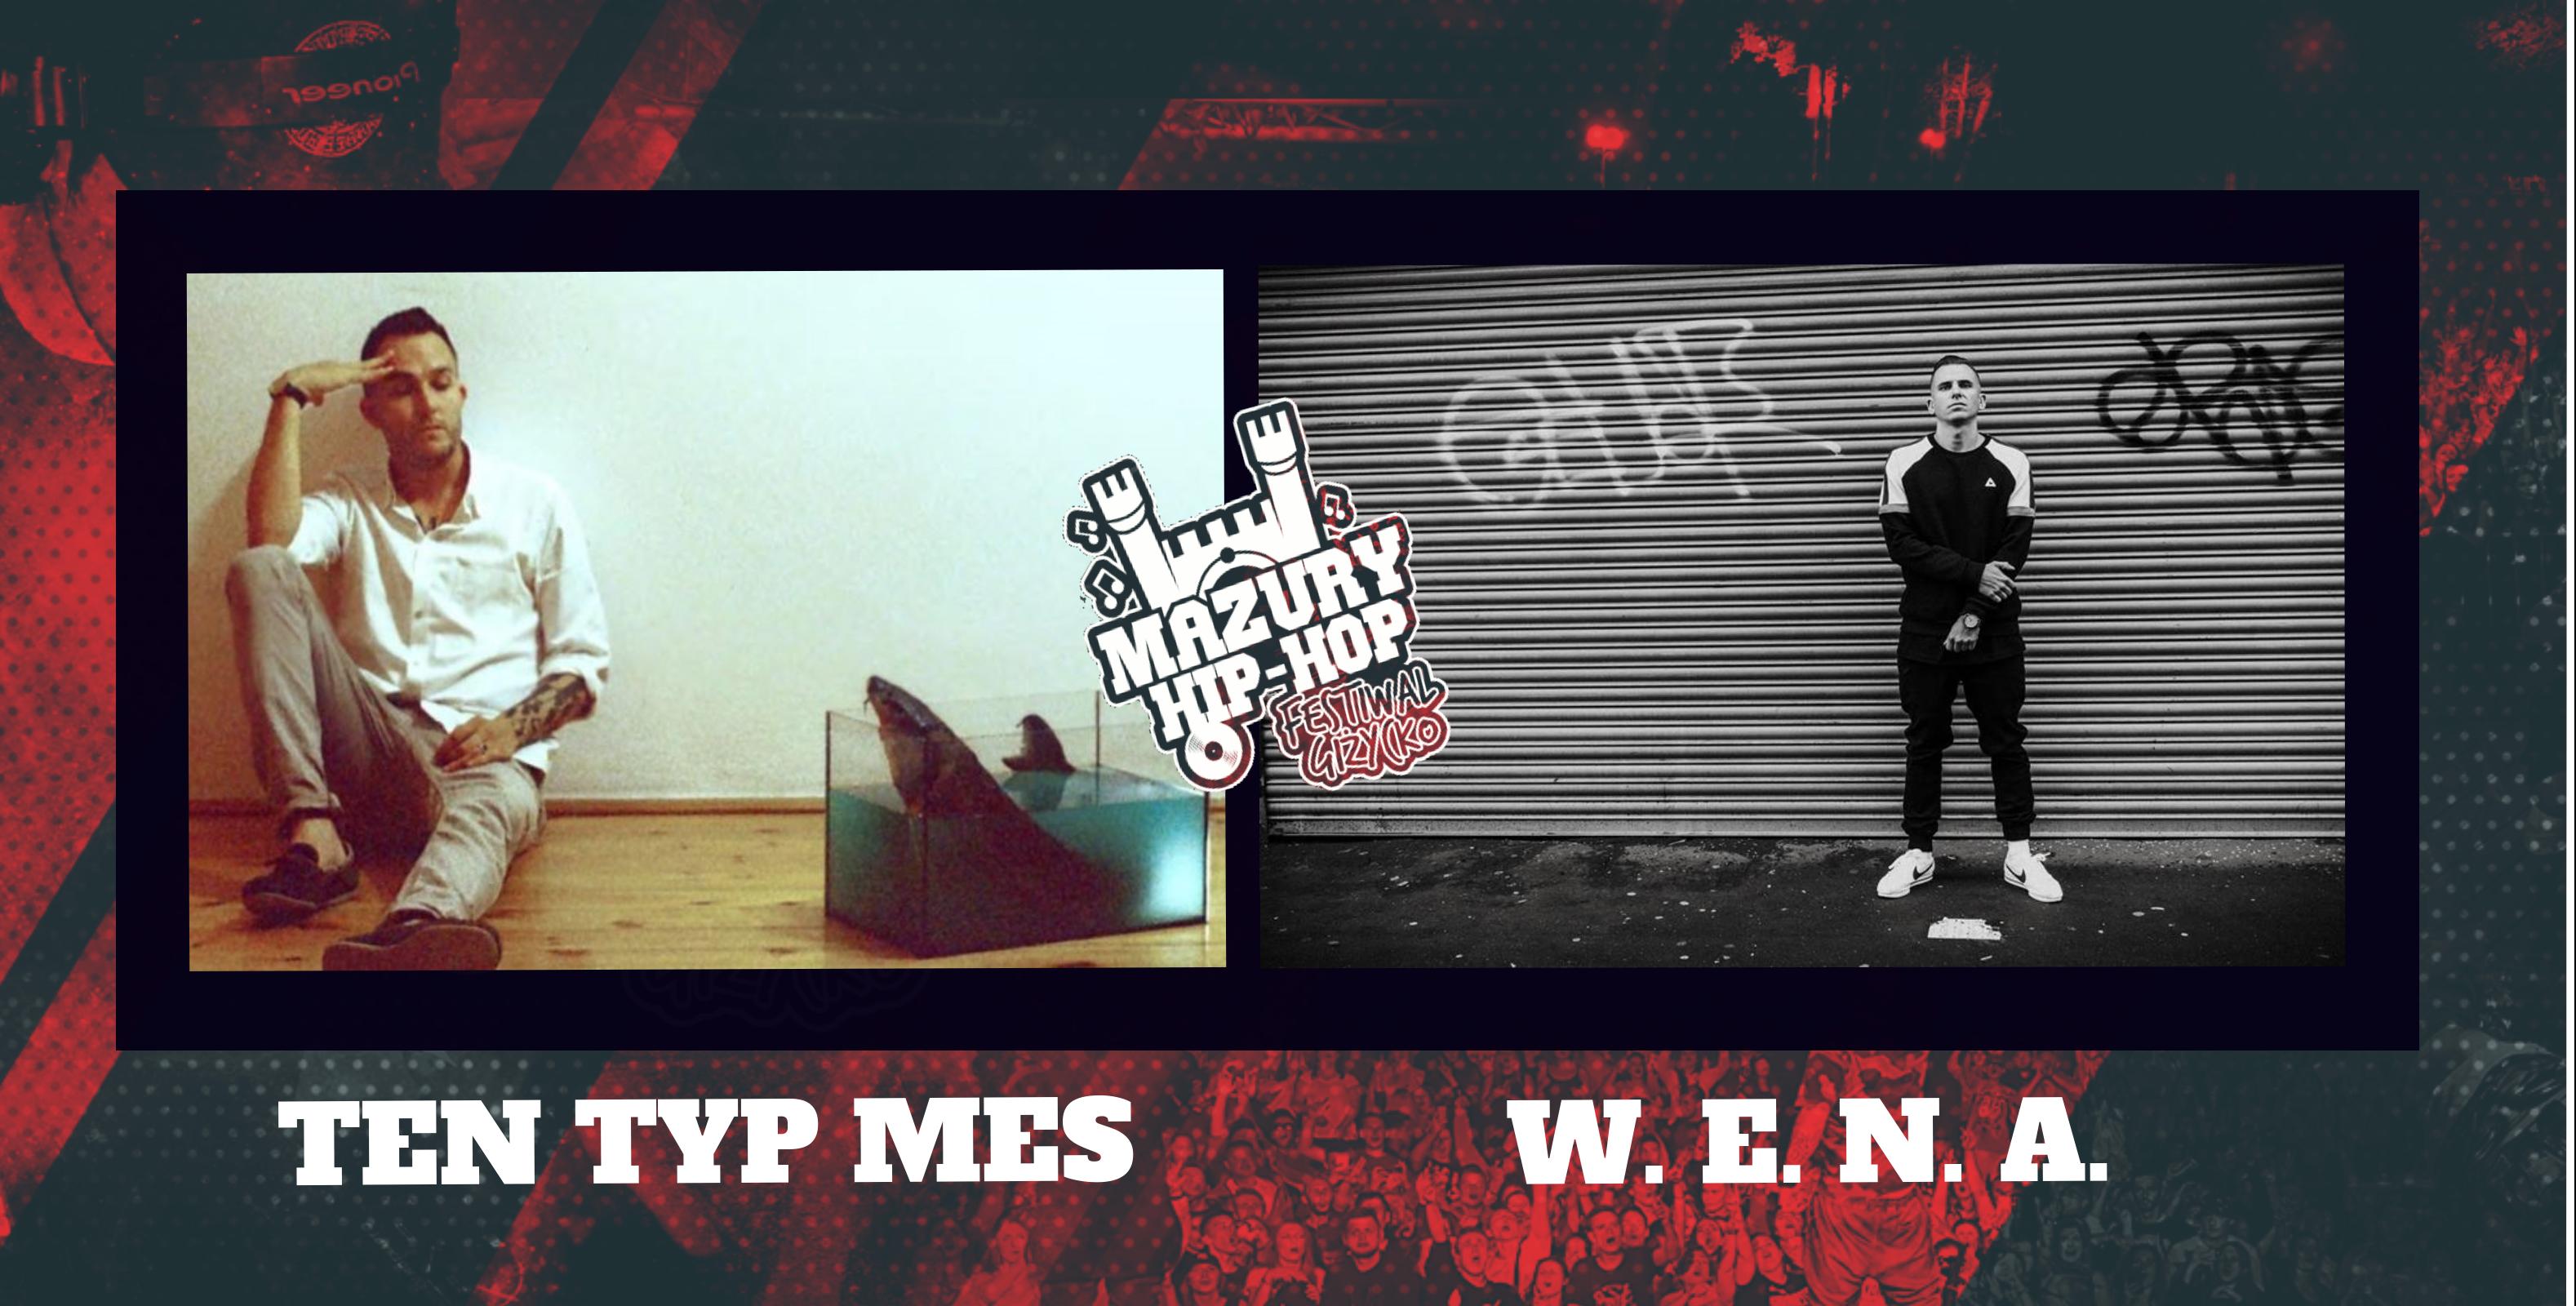 TTM WENA - Ten Typ Mes oraz W.E.N.A. na XVII edycji Mazury Hip-Hop Festiwalu!